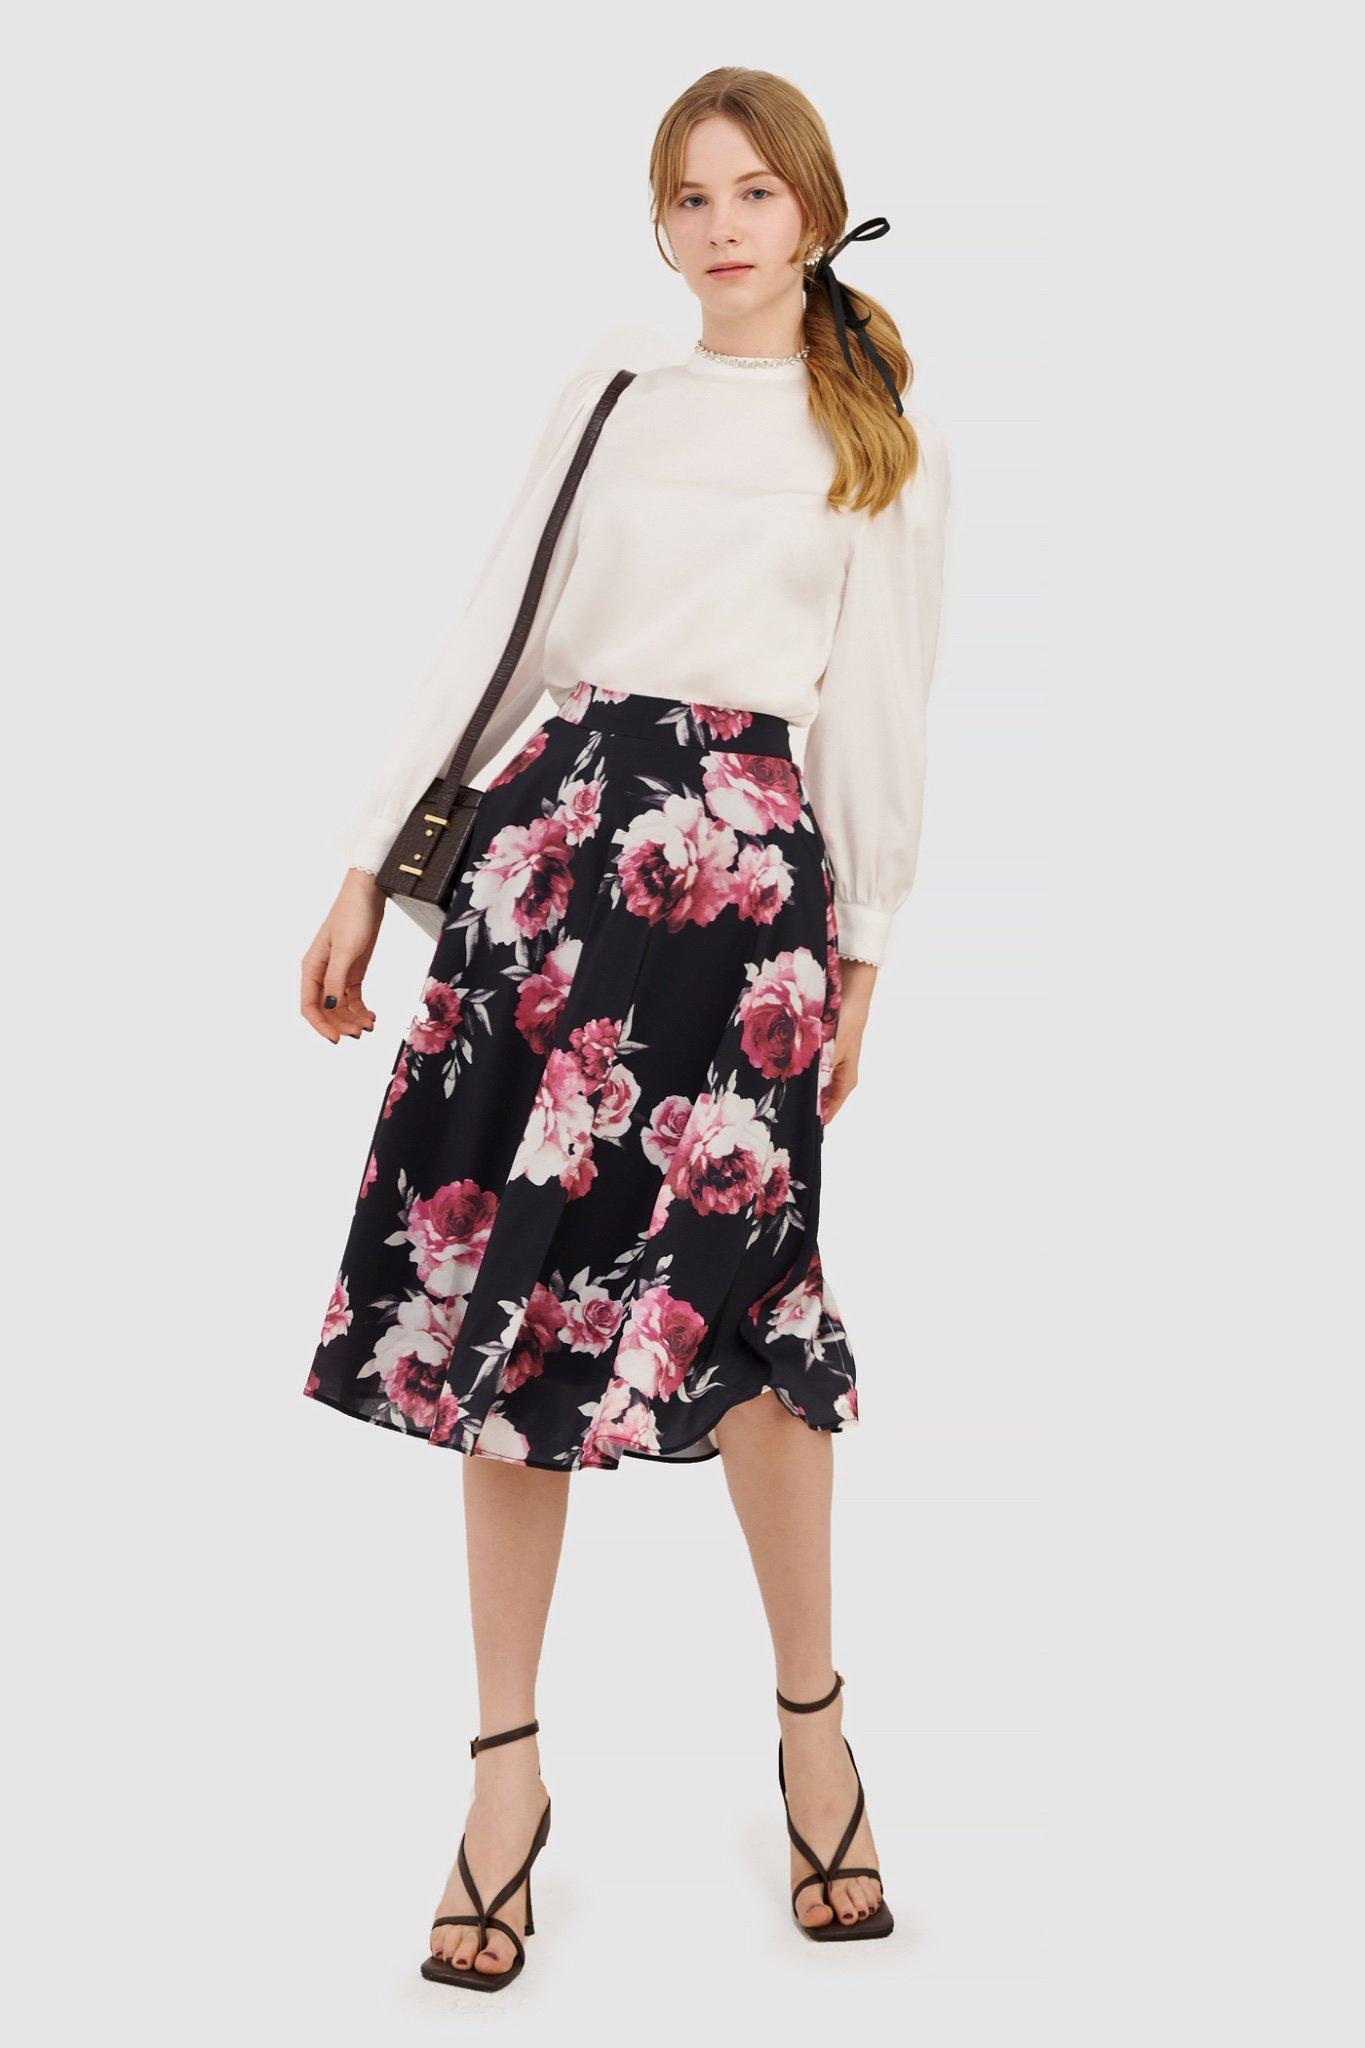 Váy midi hoạ tiết hoa hồng